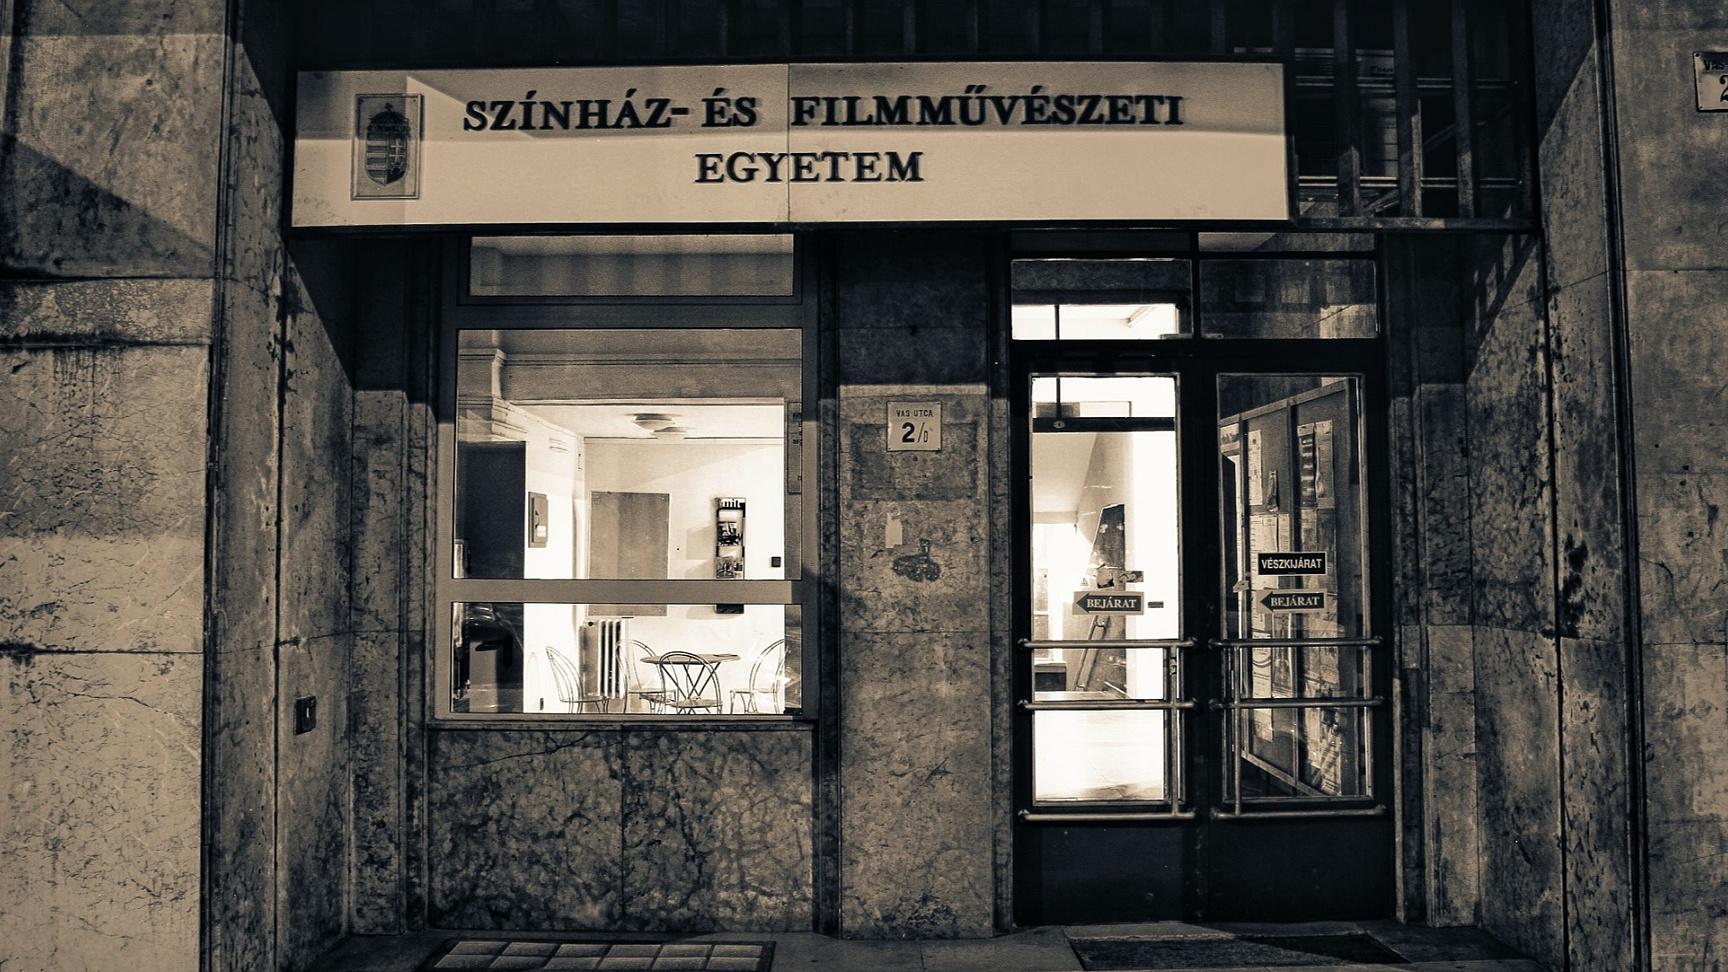 """""""Mi olyan sürgős?"""" – A Színművészeti 10 érve az egyetemet érintő törvénytervezet ellen"""